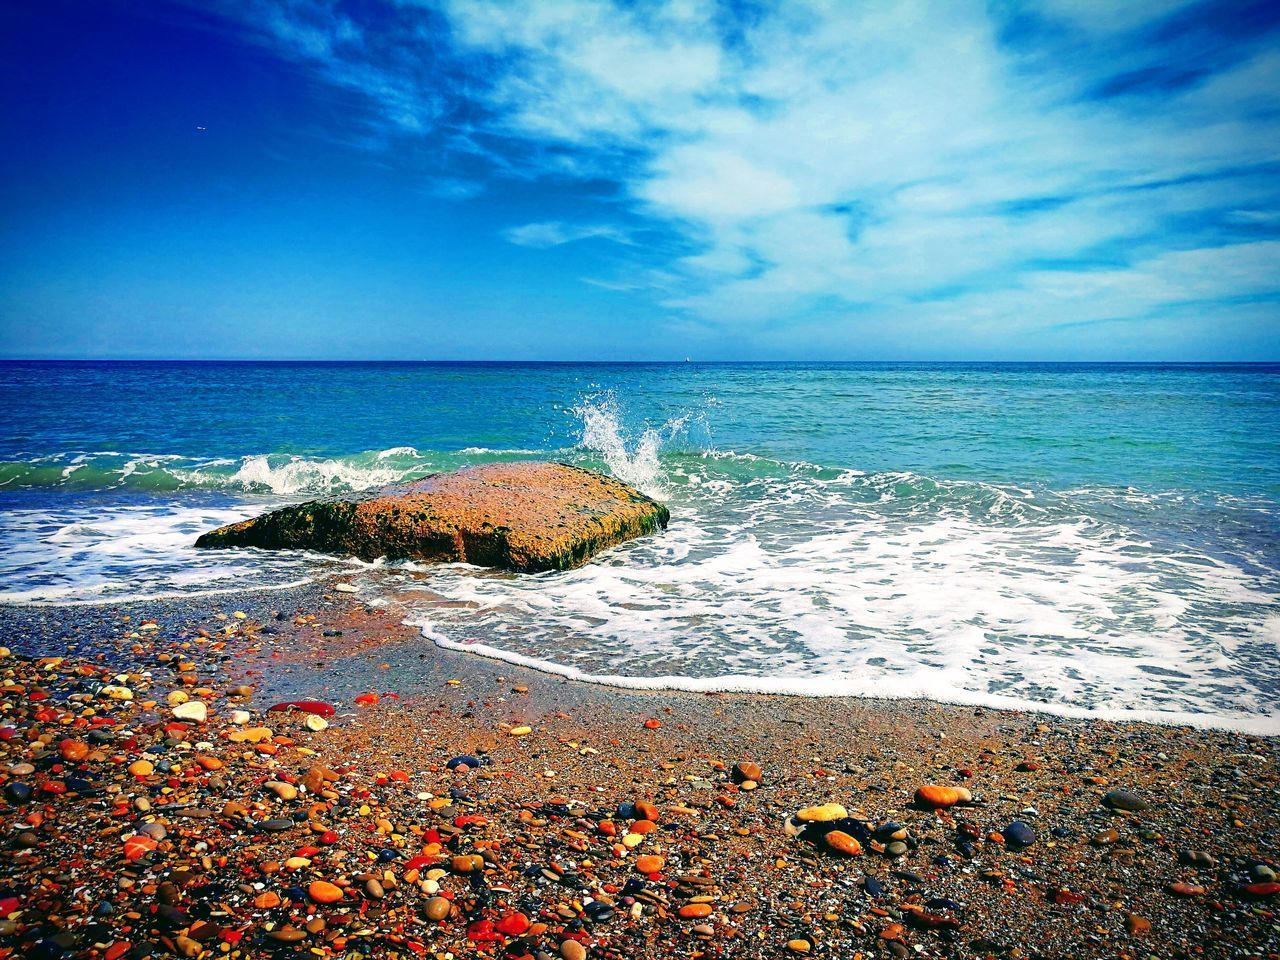 PEBBLES ON BEACH AGAINST BLUE SKY